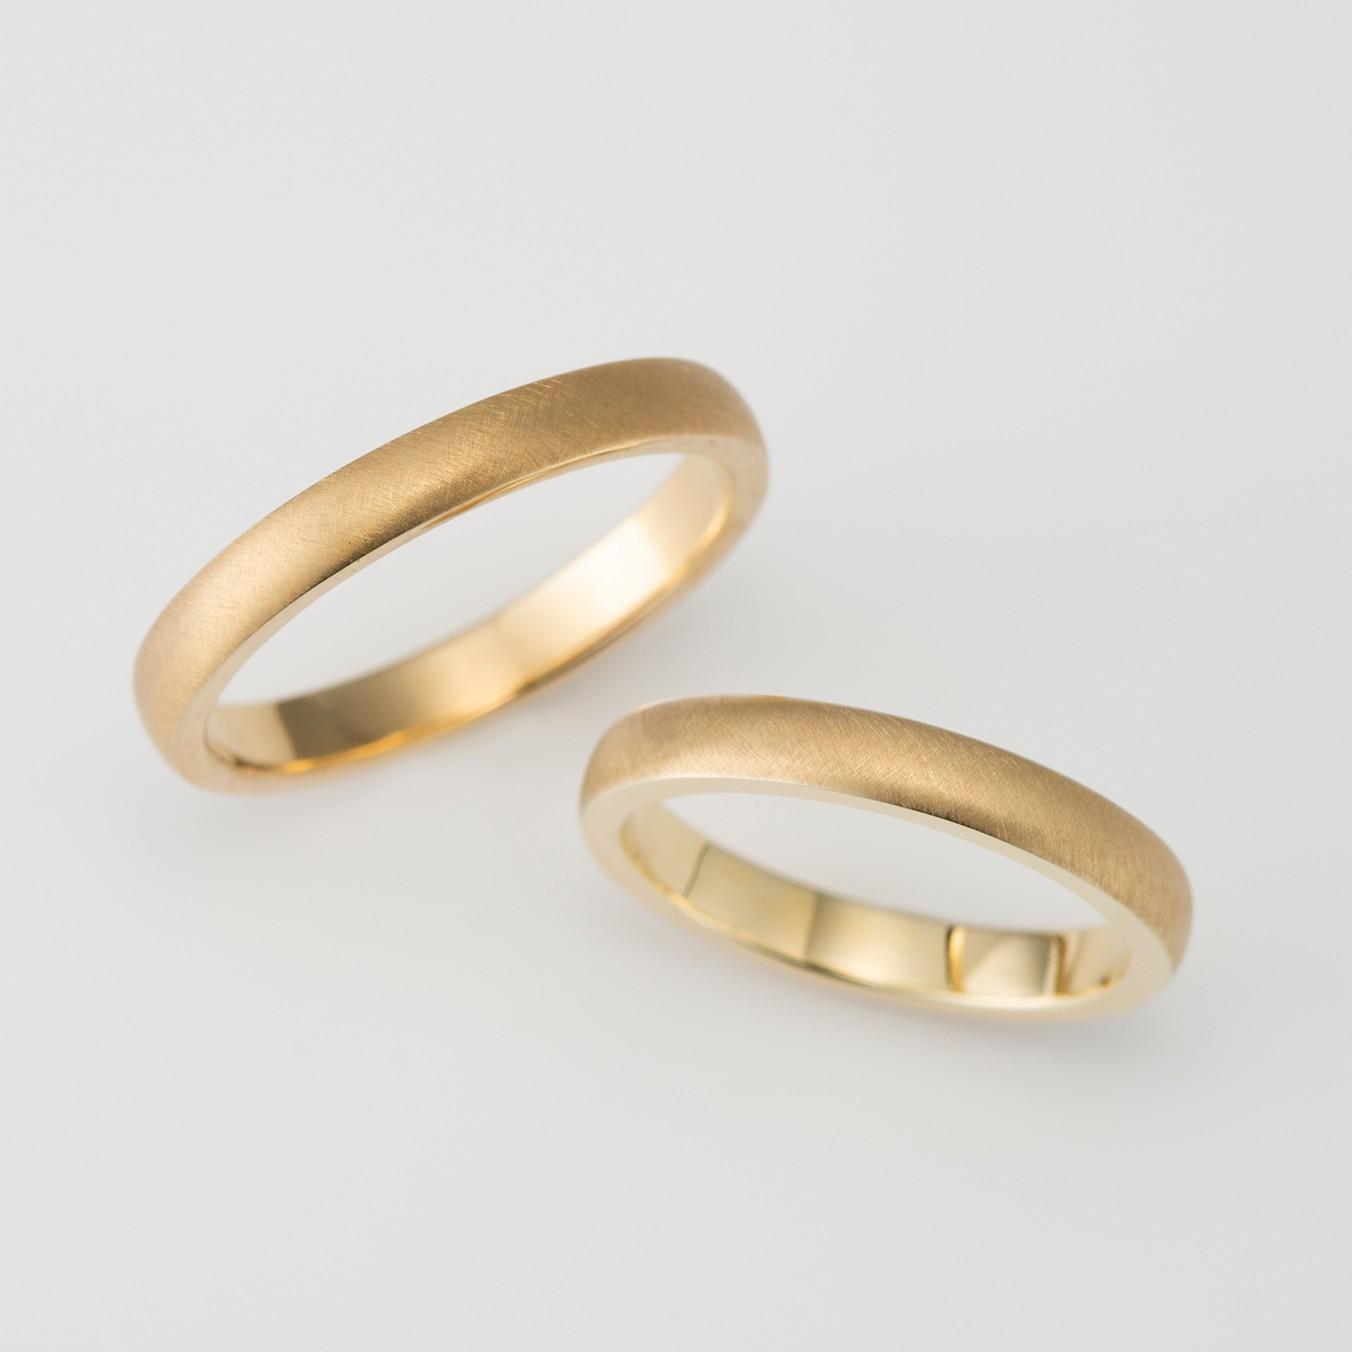 マットテクスチャーのシンプルな結婚指輪